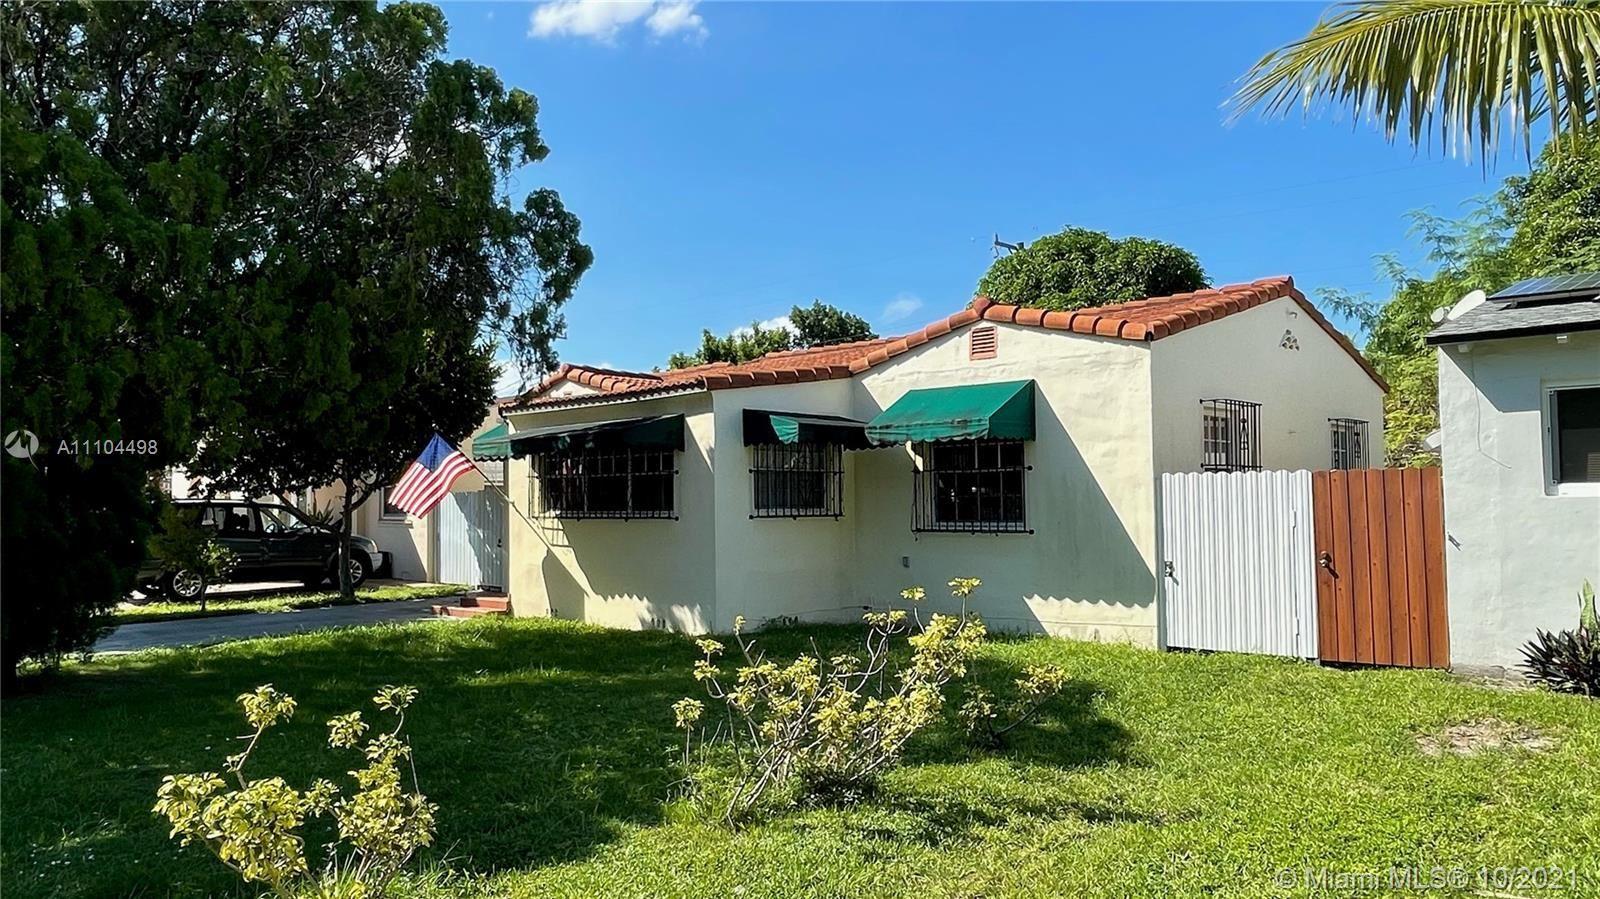 5541 SW 7th St, Miami, FL 33134 - #: A11104498